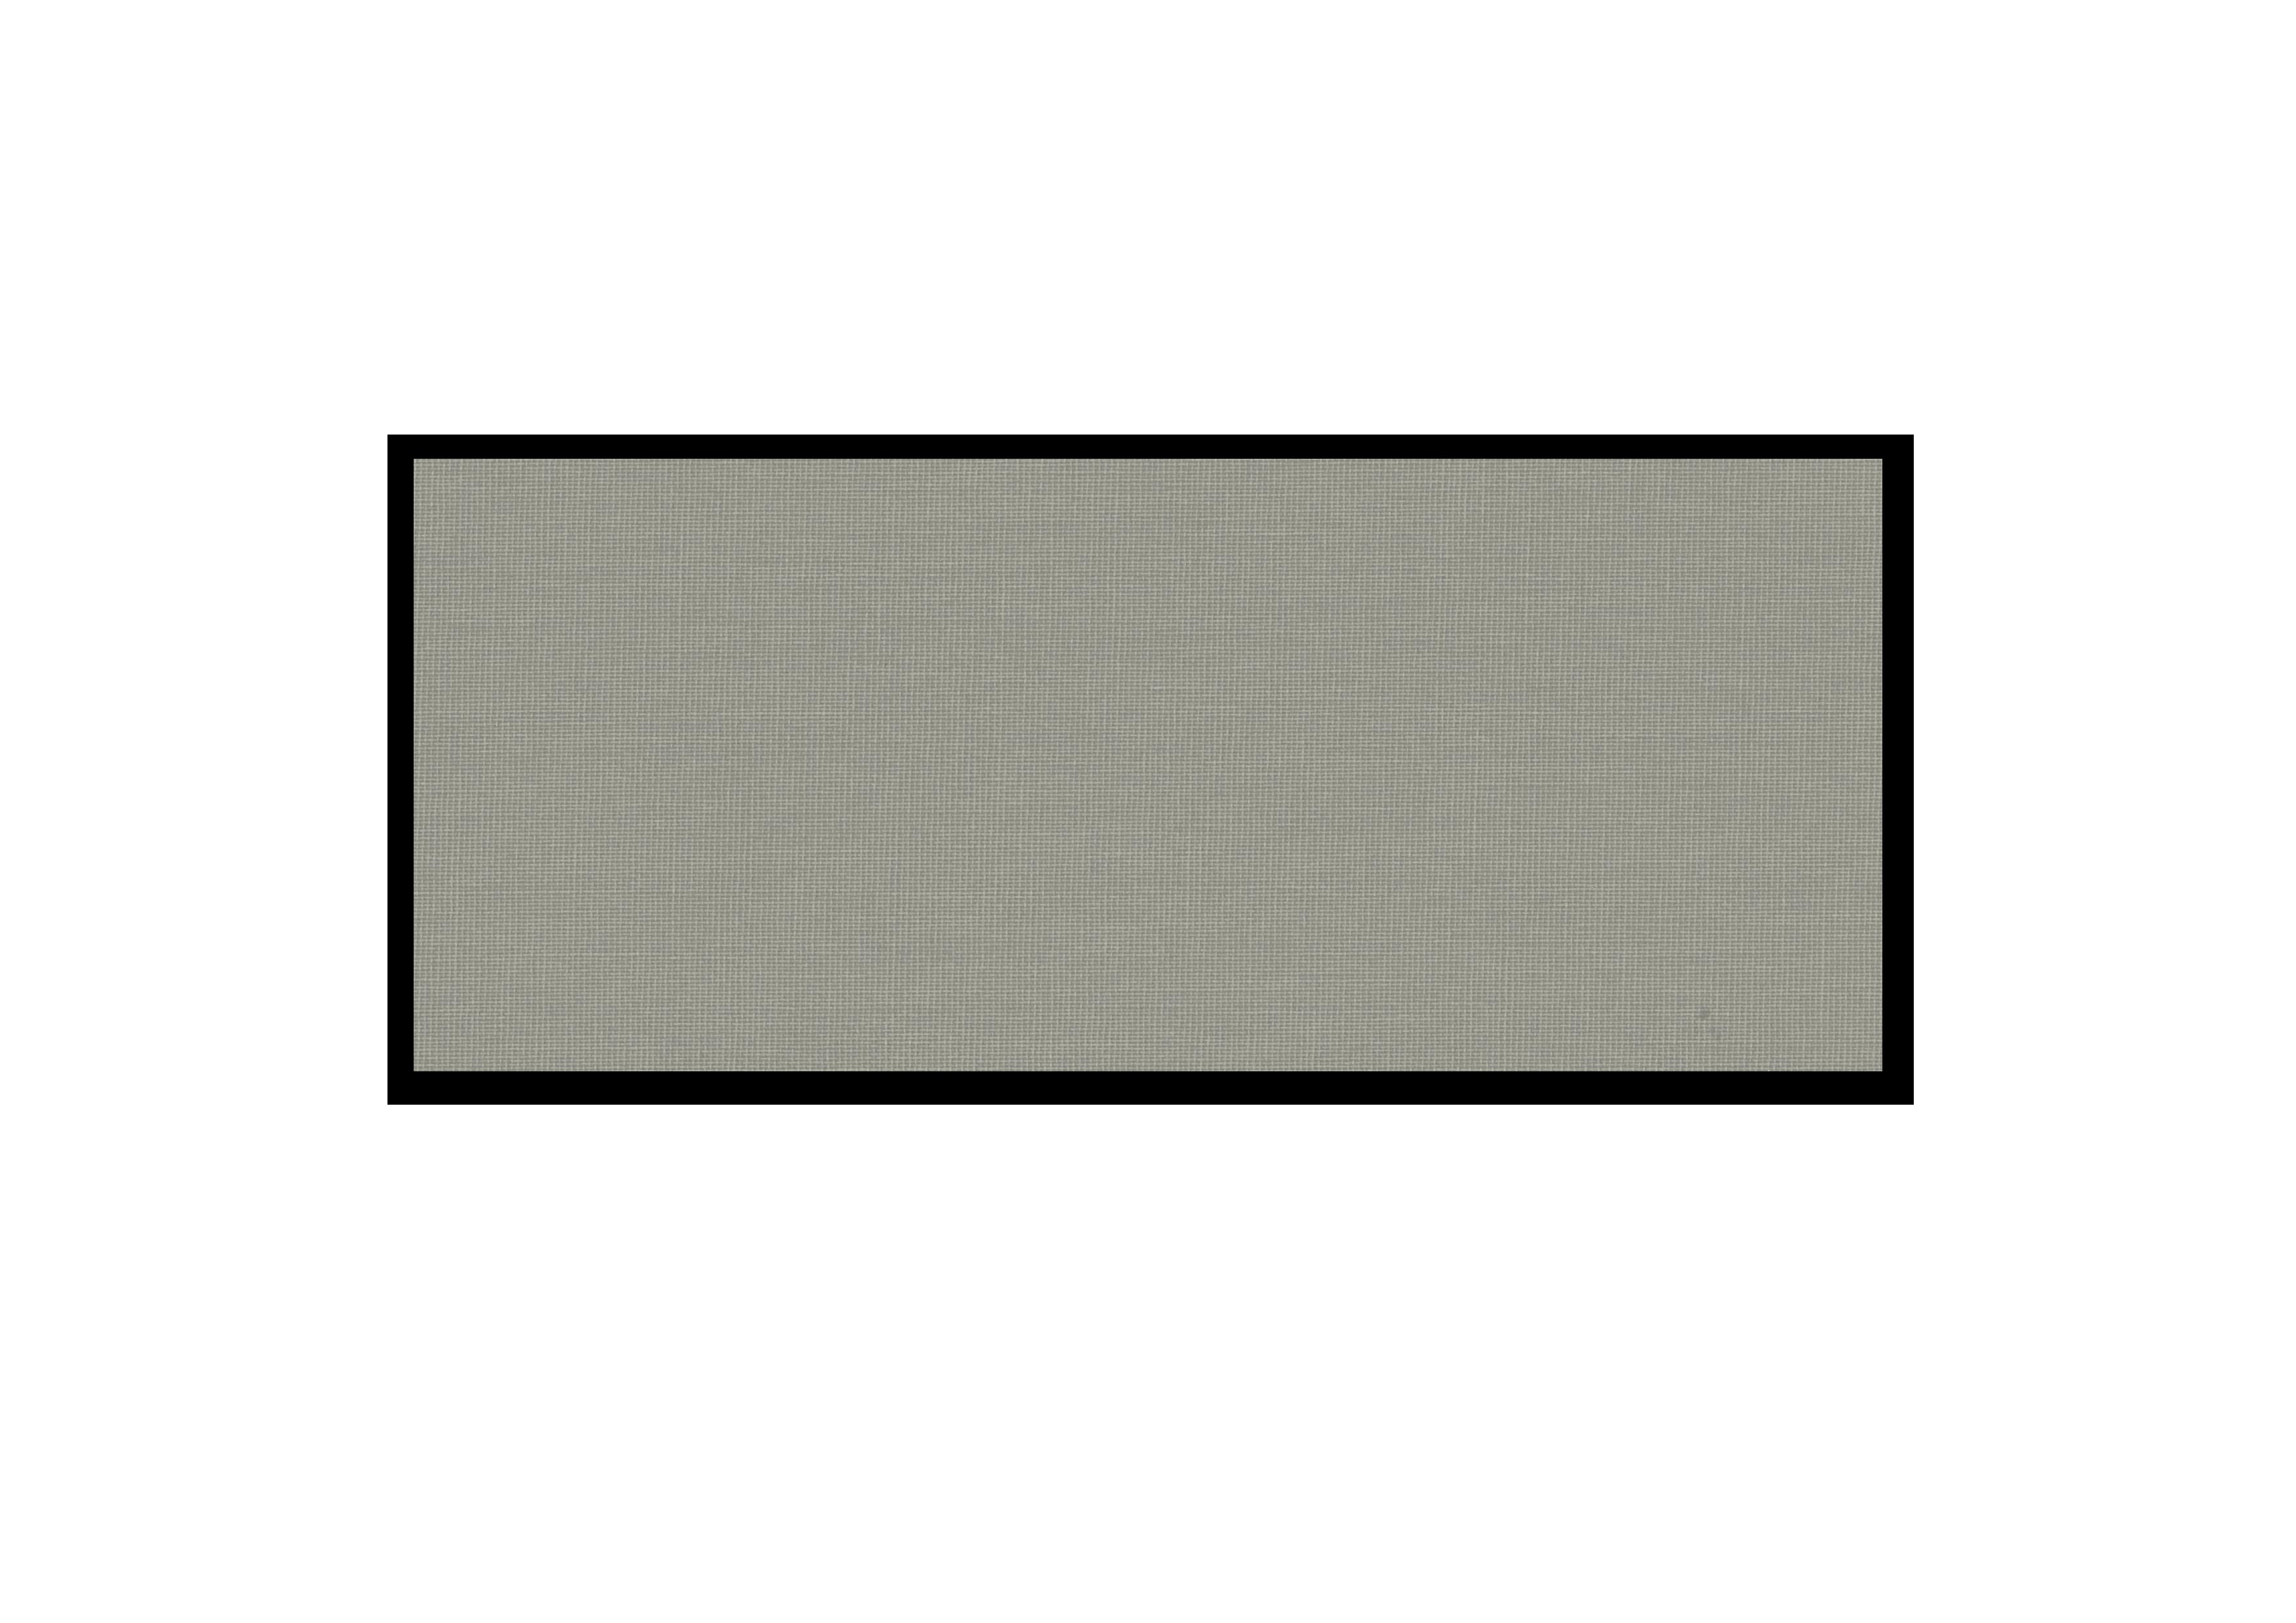 Rolgordijnen 50213 taupe - Michiel Zuur Gordijnen